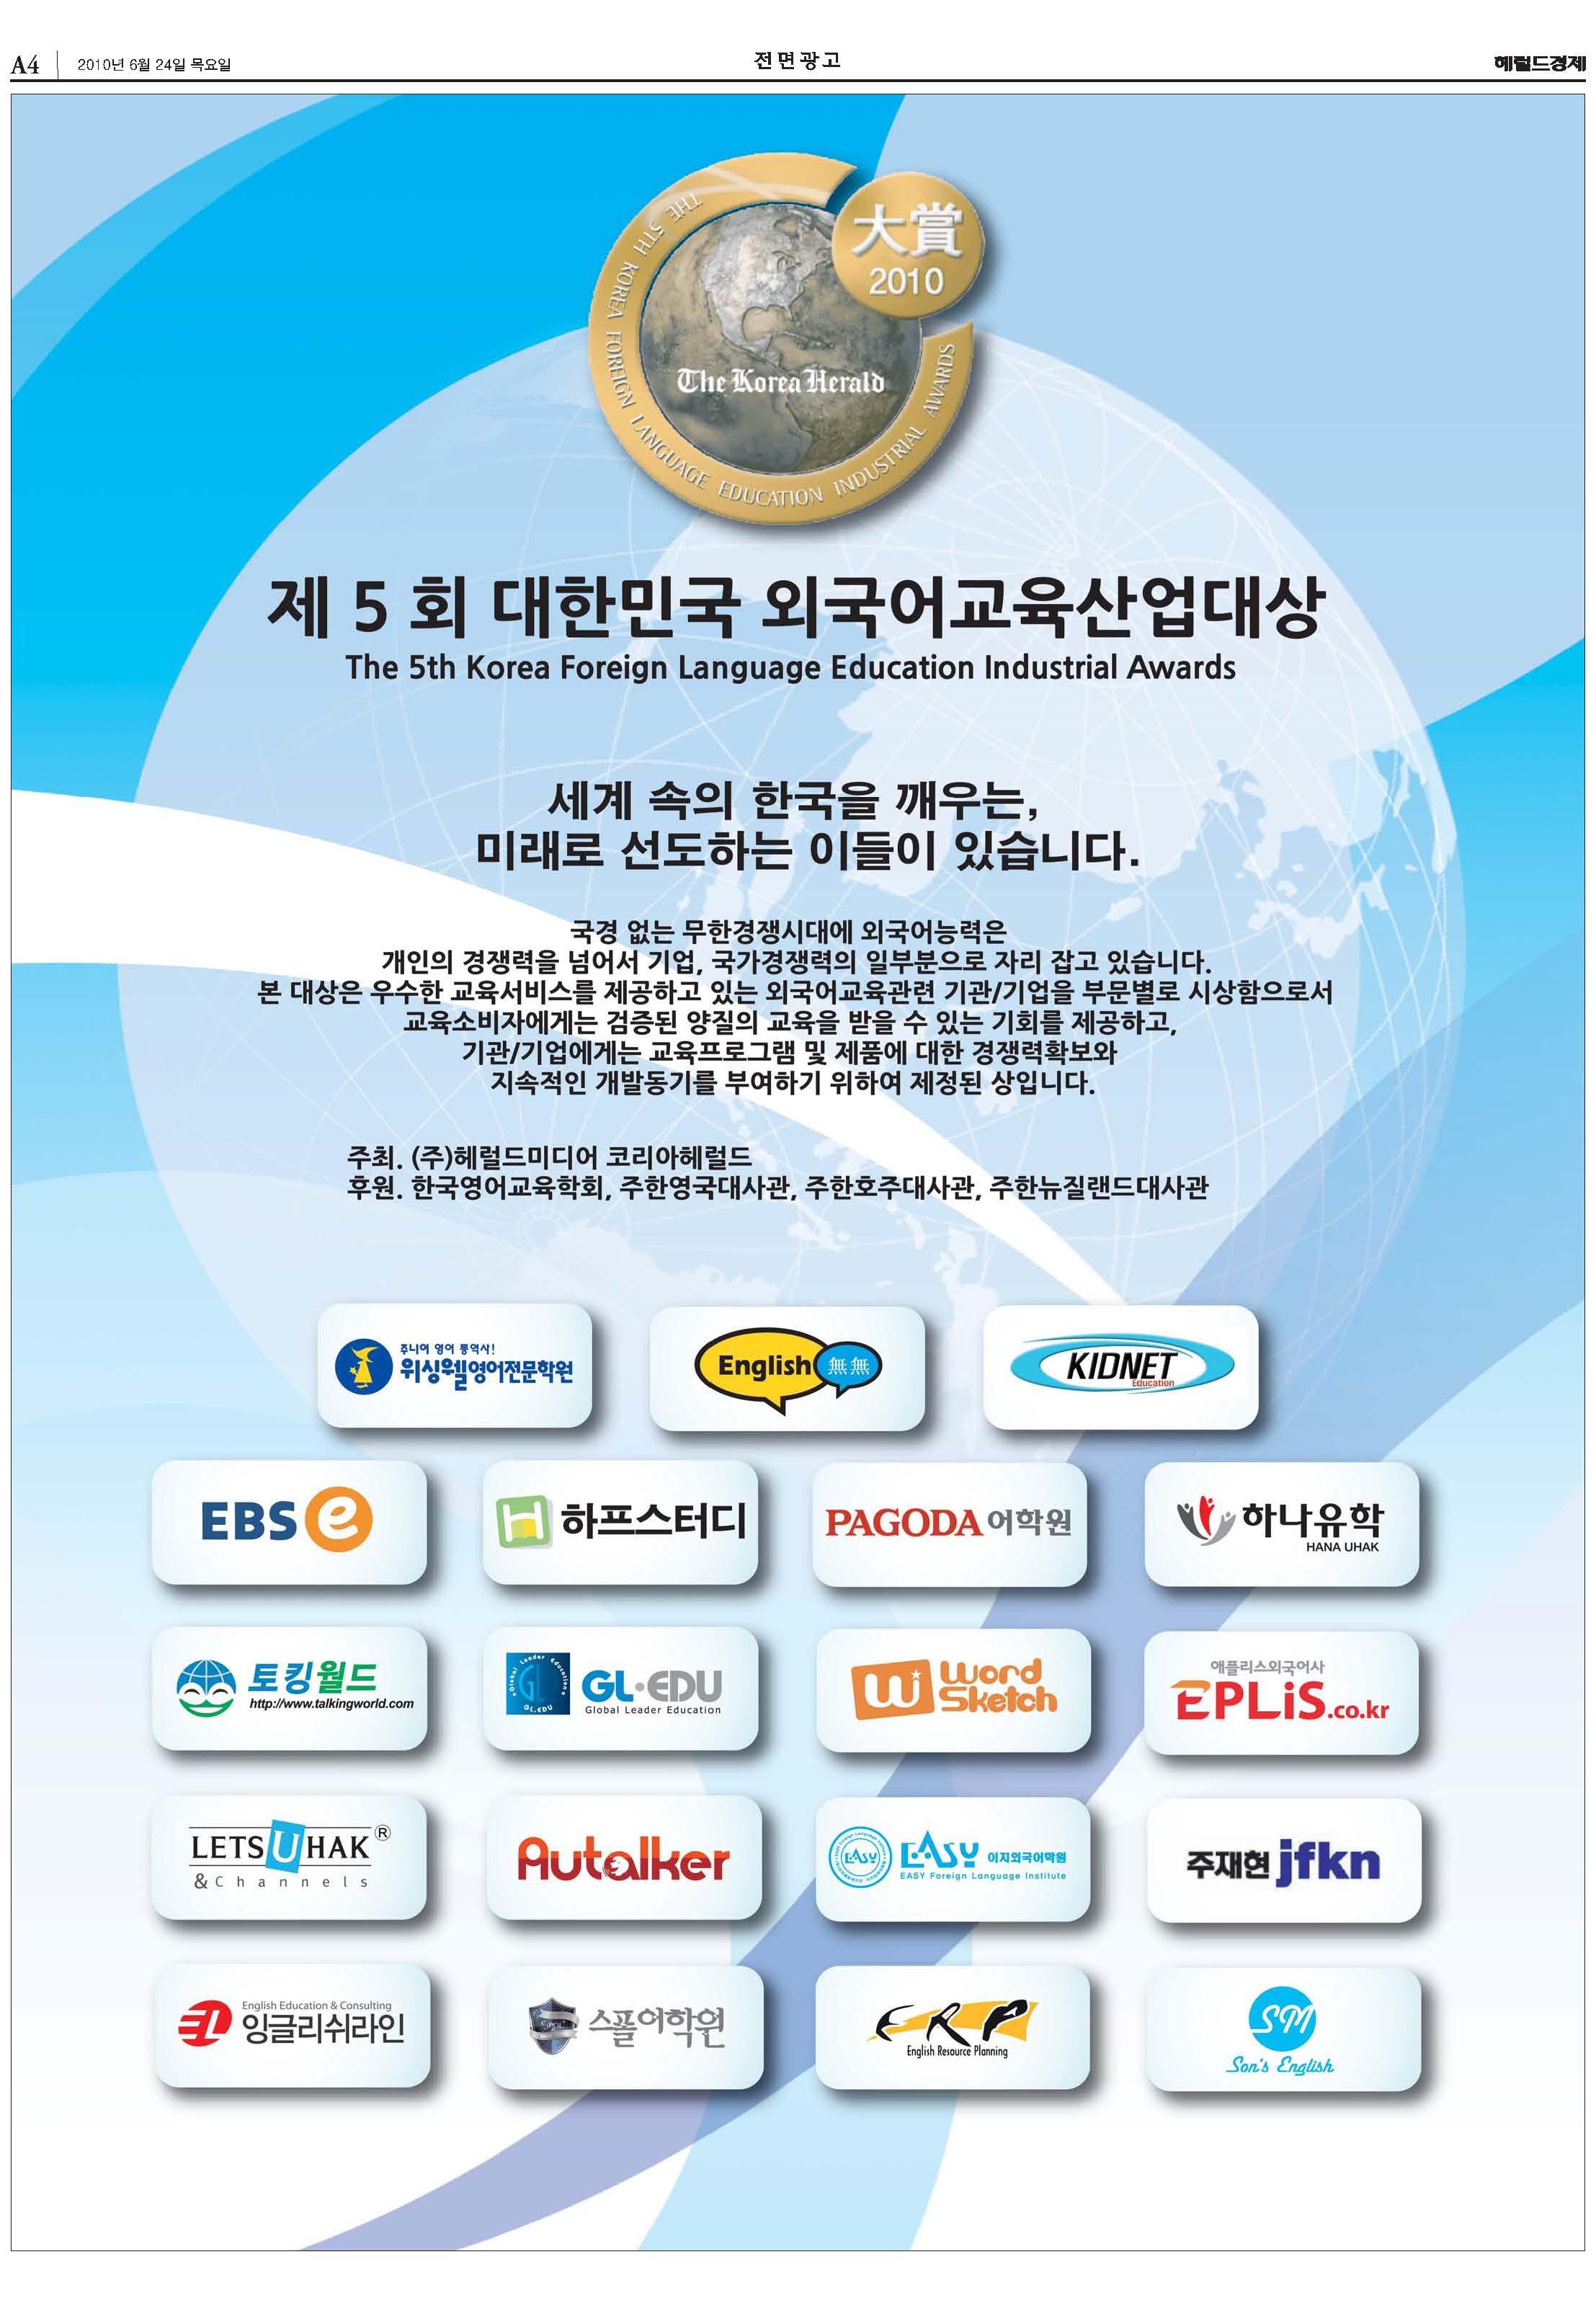 제5회 대한민국 외국어교육산업대상-이알피어학원 수상